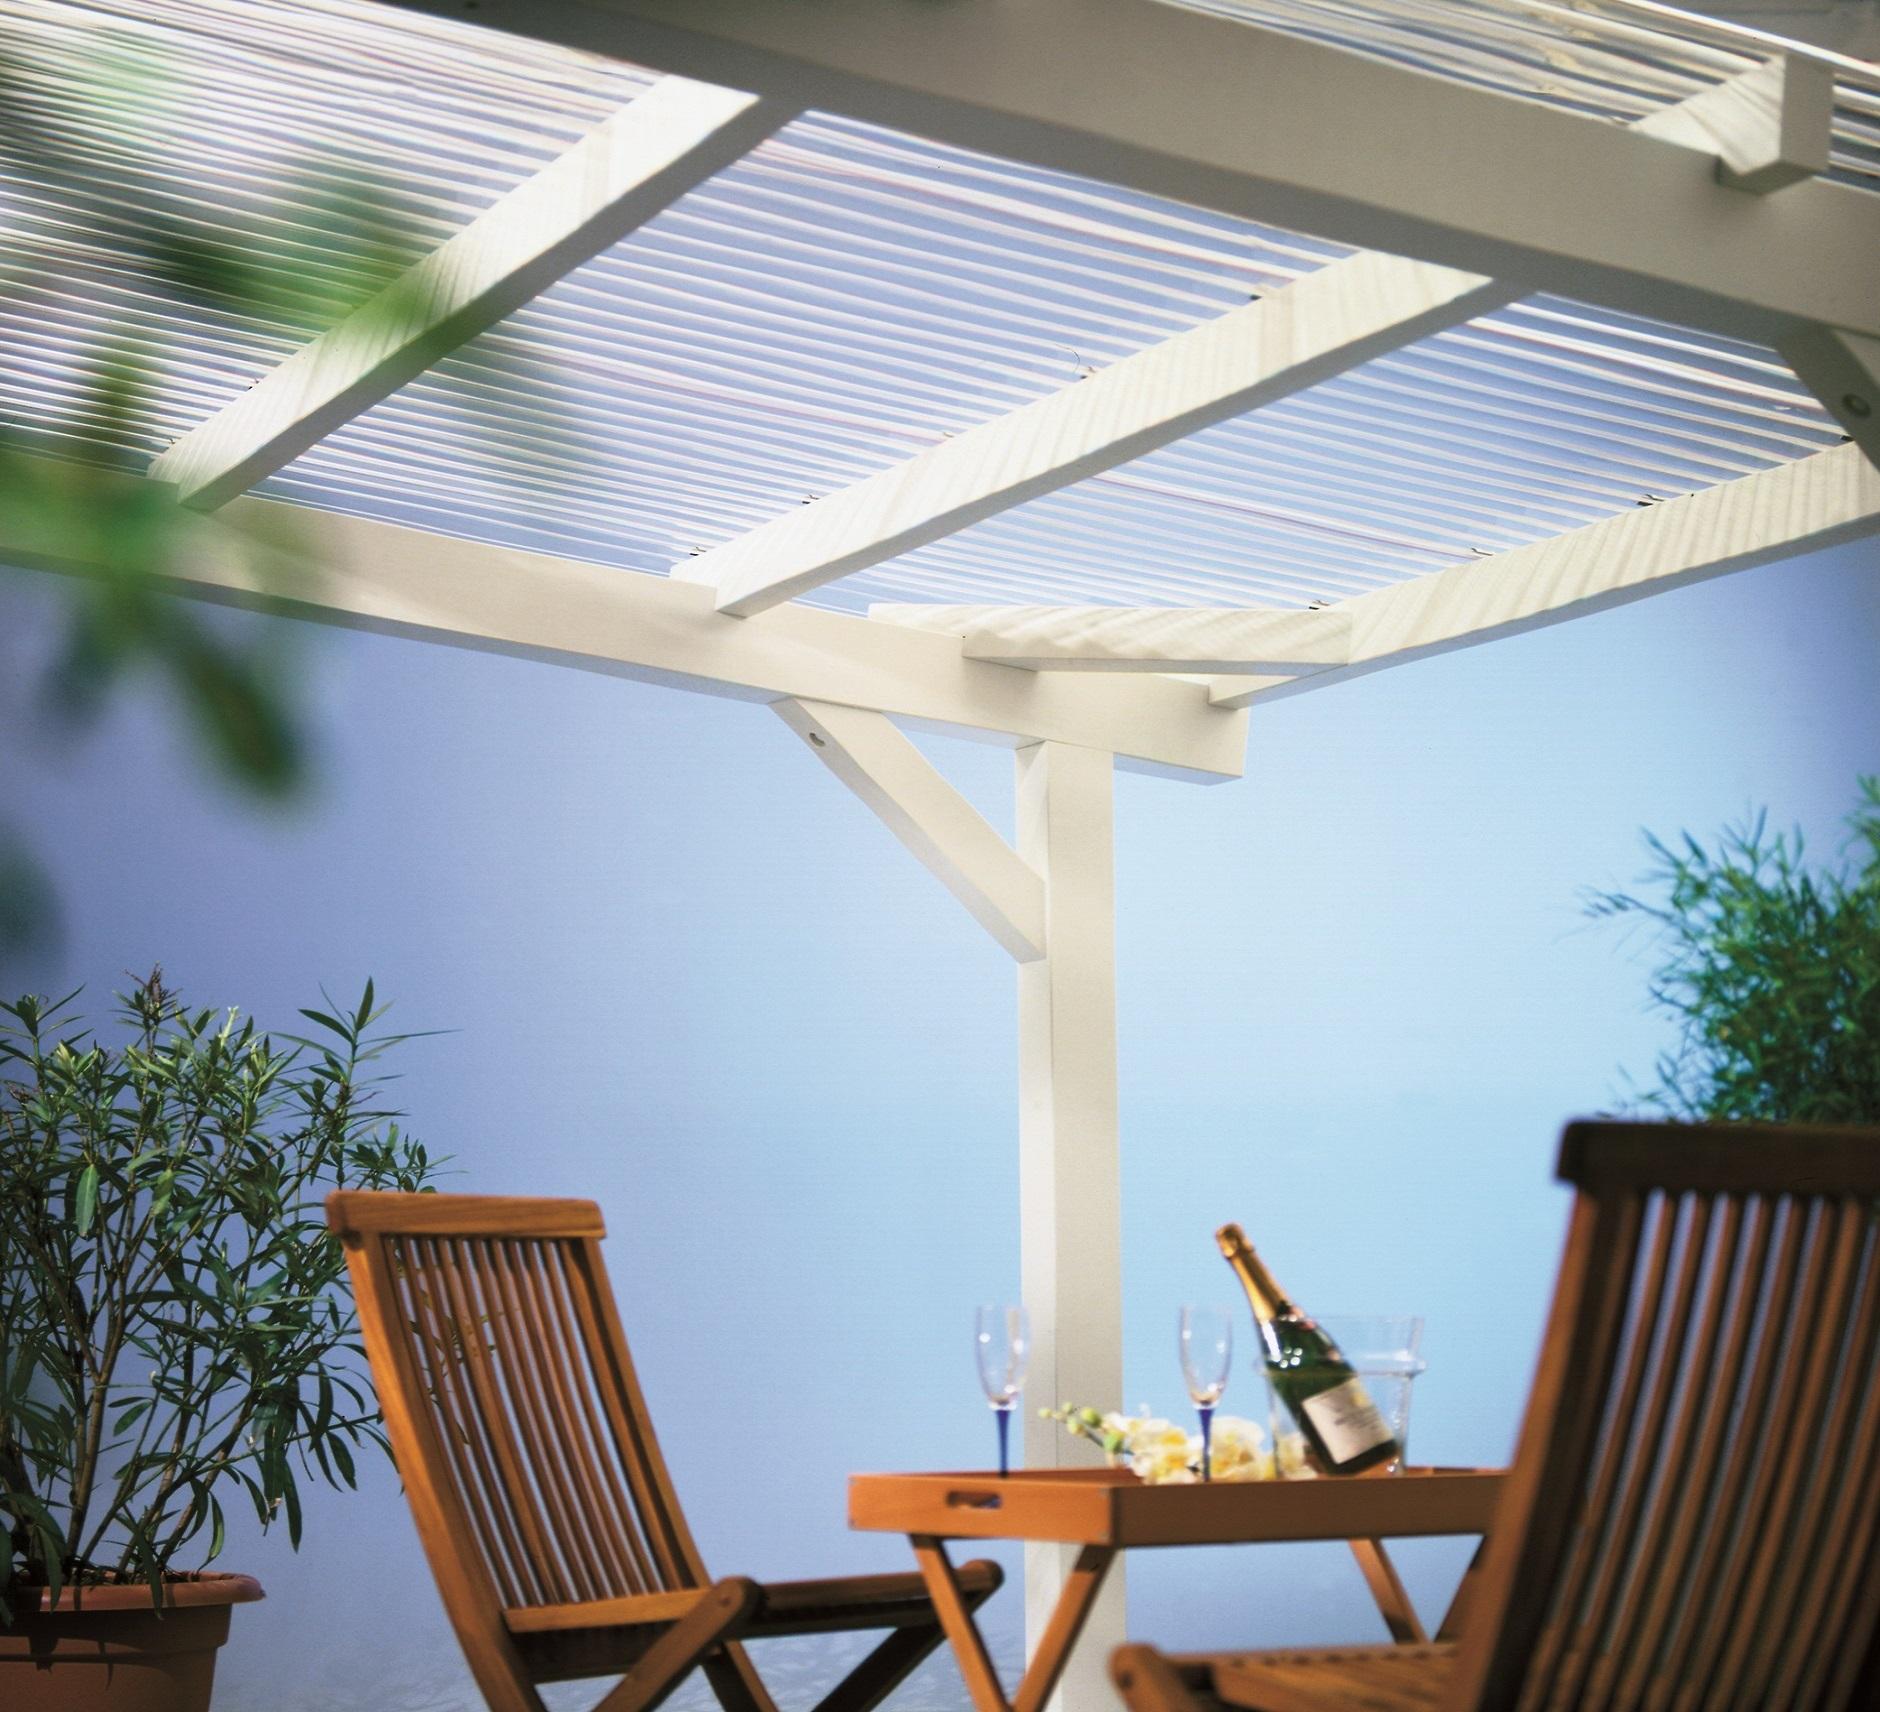 PLEXIGLAS® Wellplatten als Terrassenüberdachung